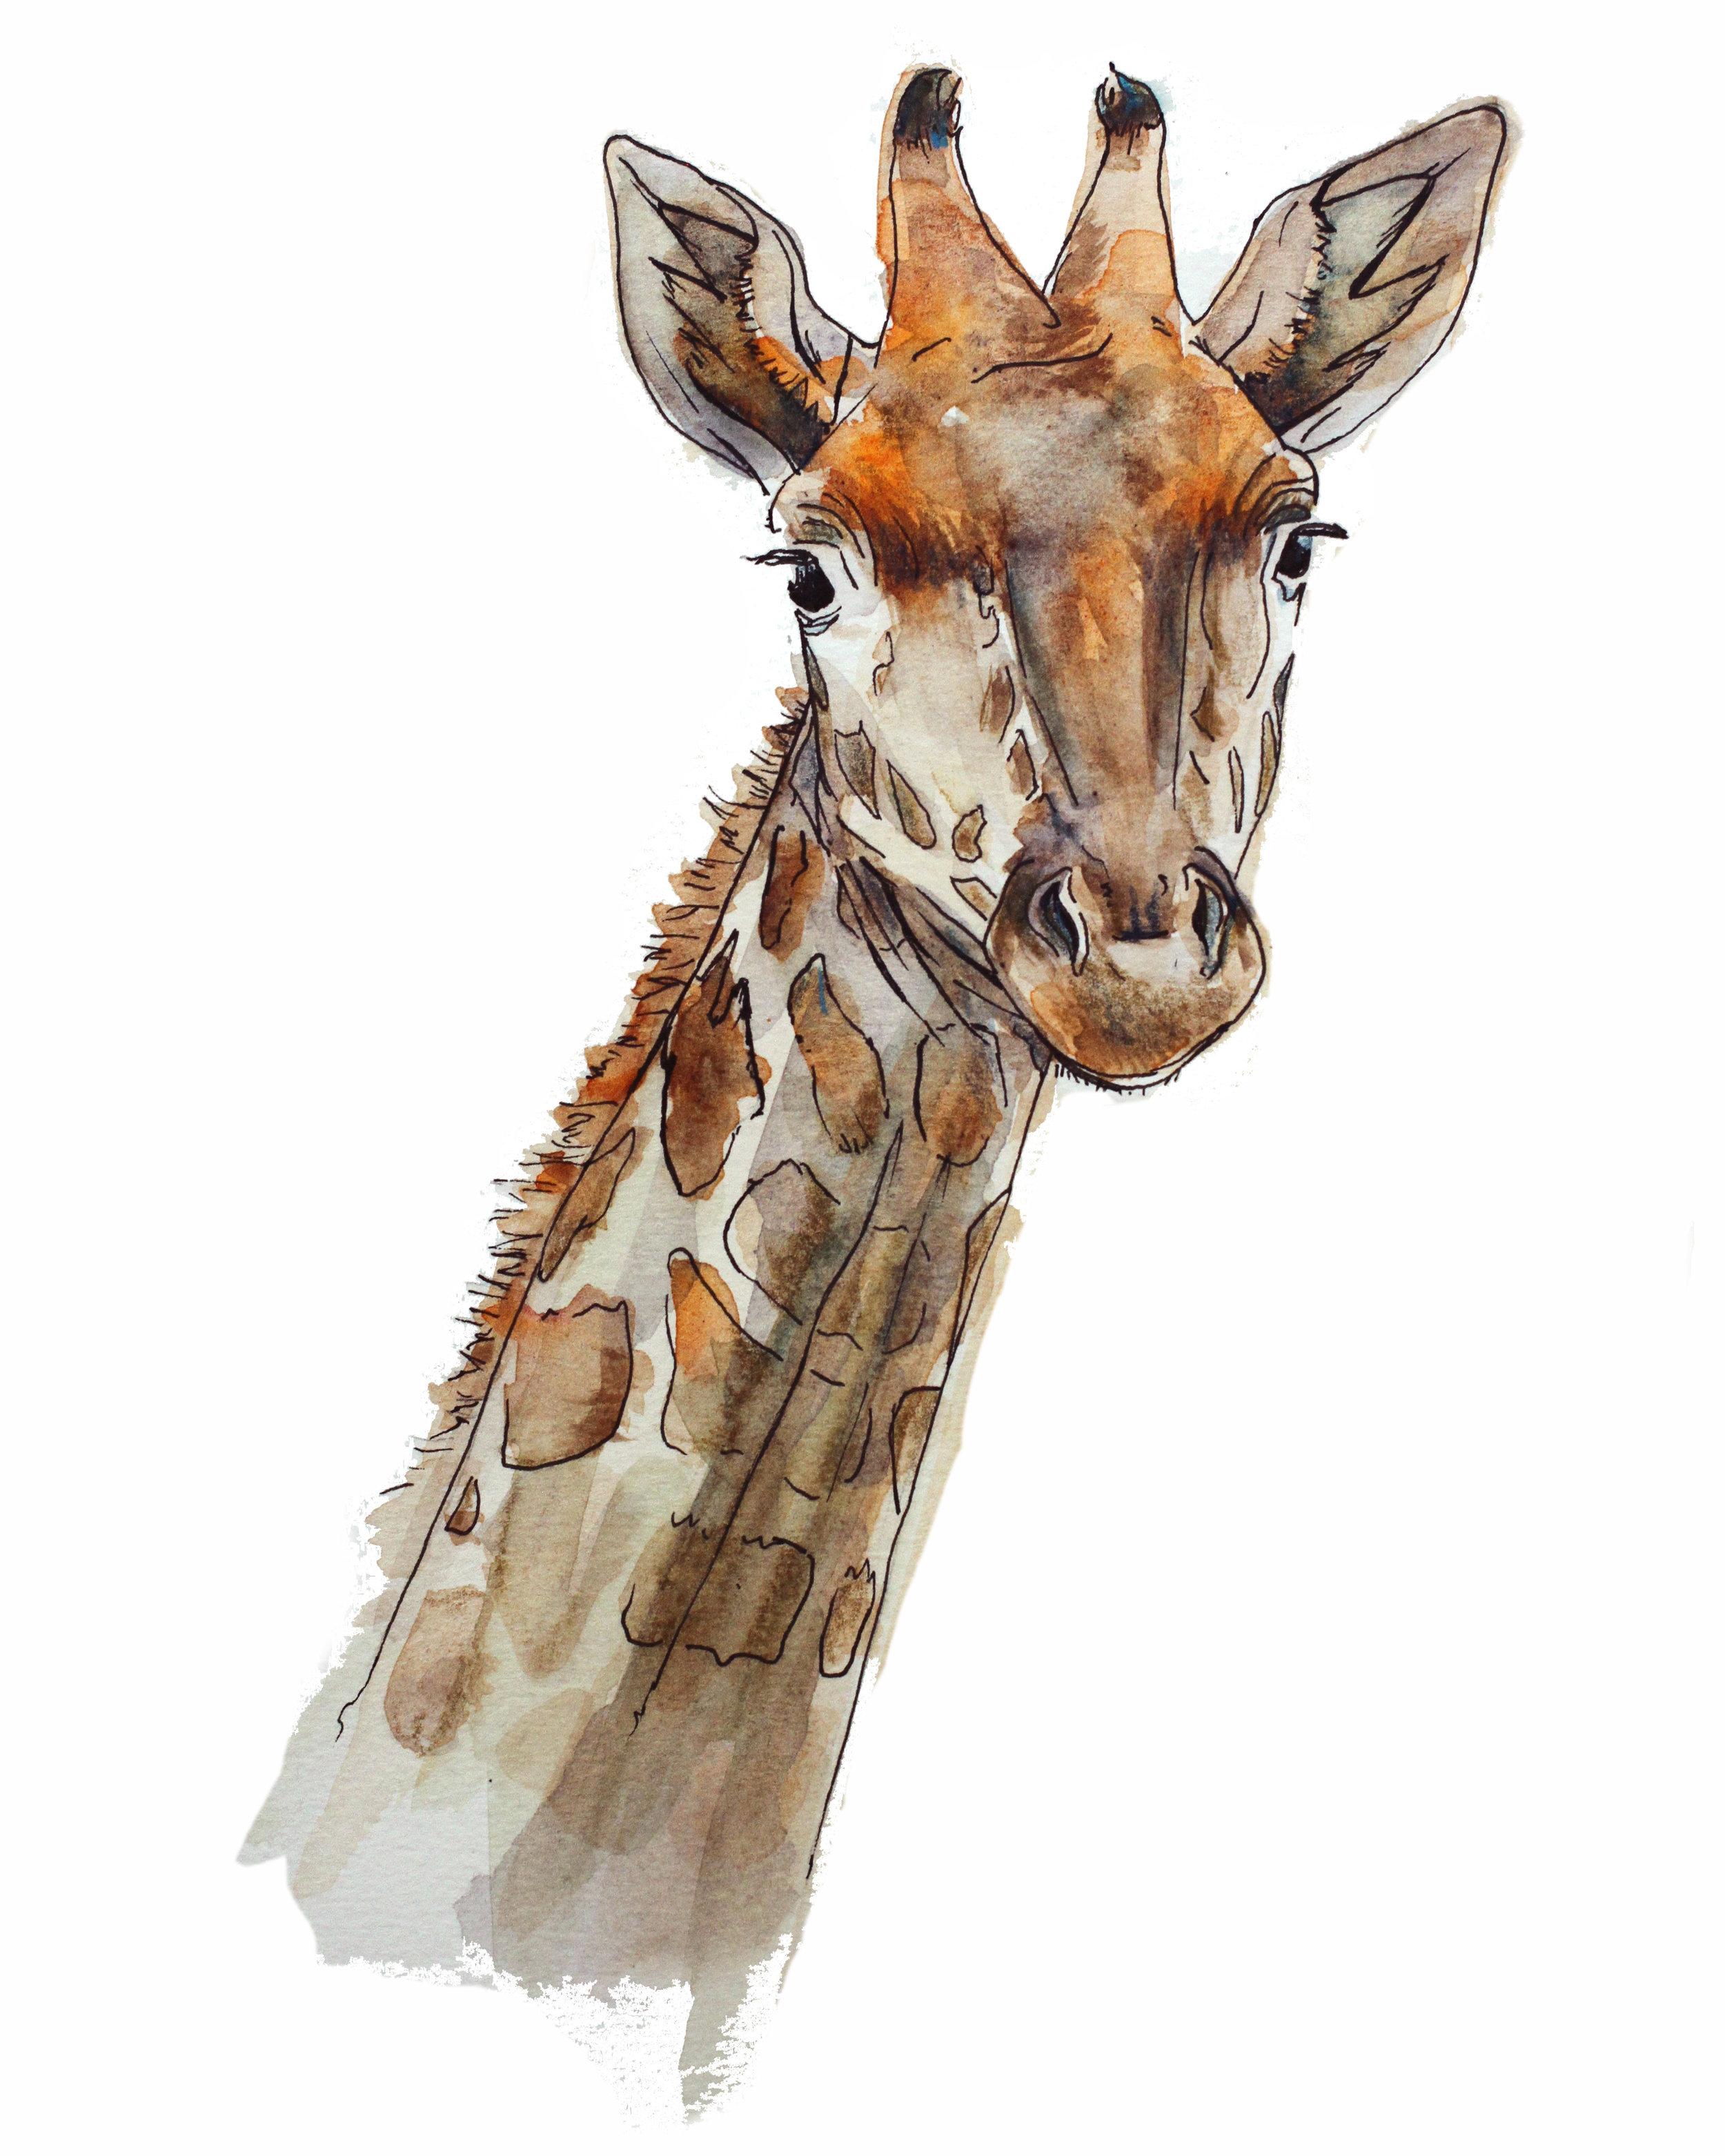 giraffe 8x10_2.jpg